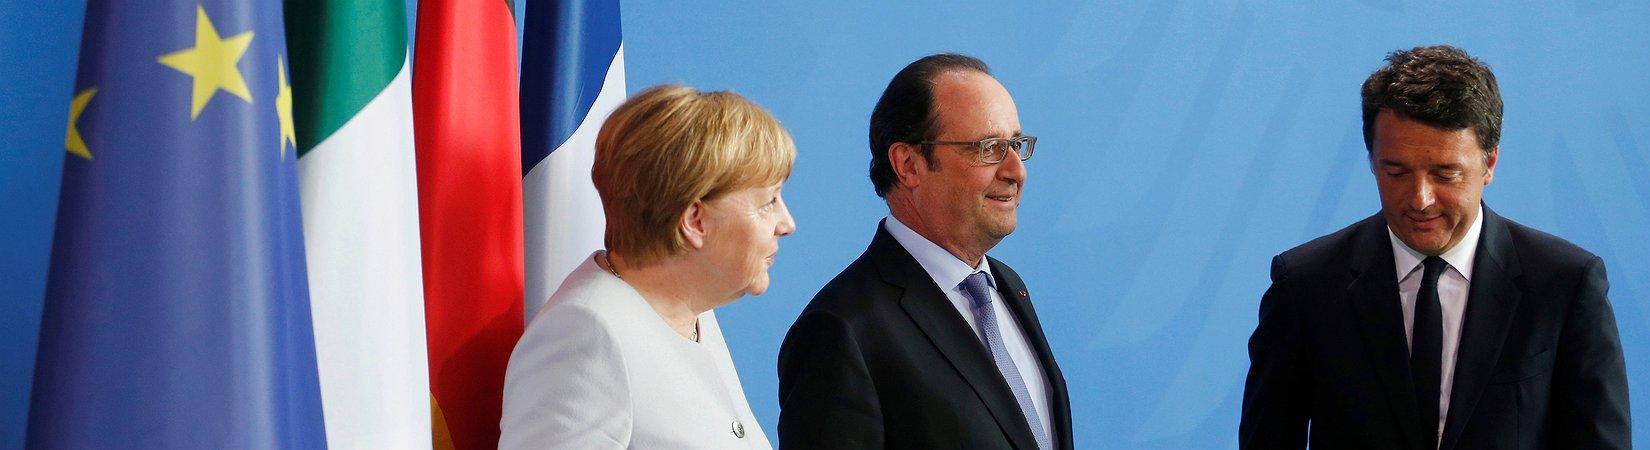 Merkel, Hollande y Renzi se reunirán para discutir el Brexit